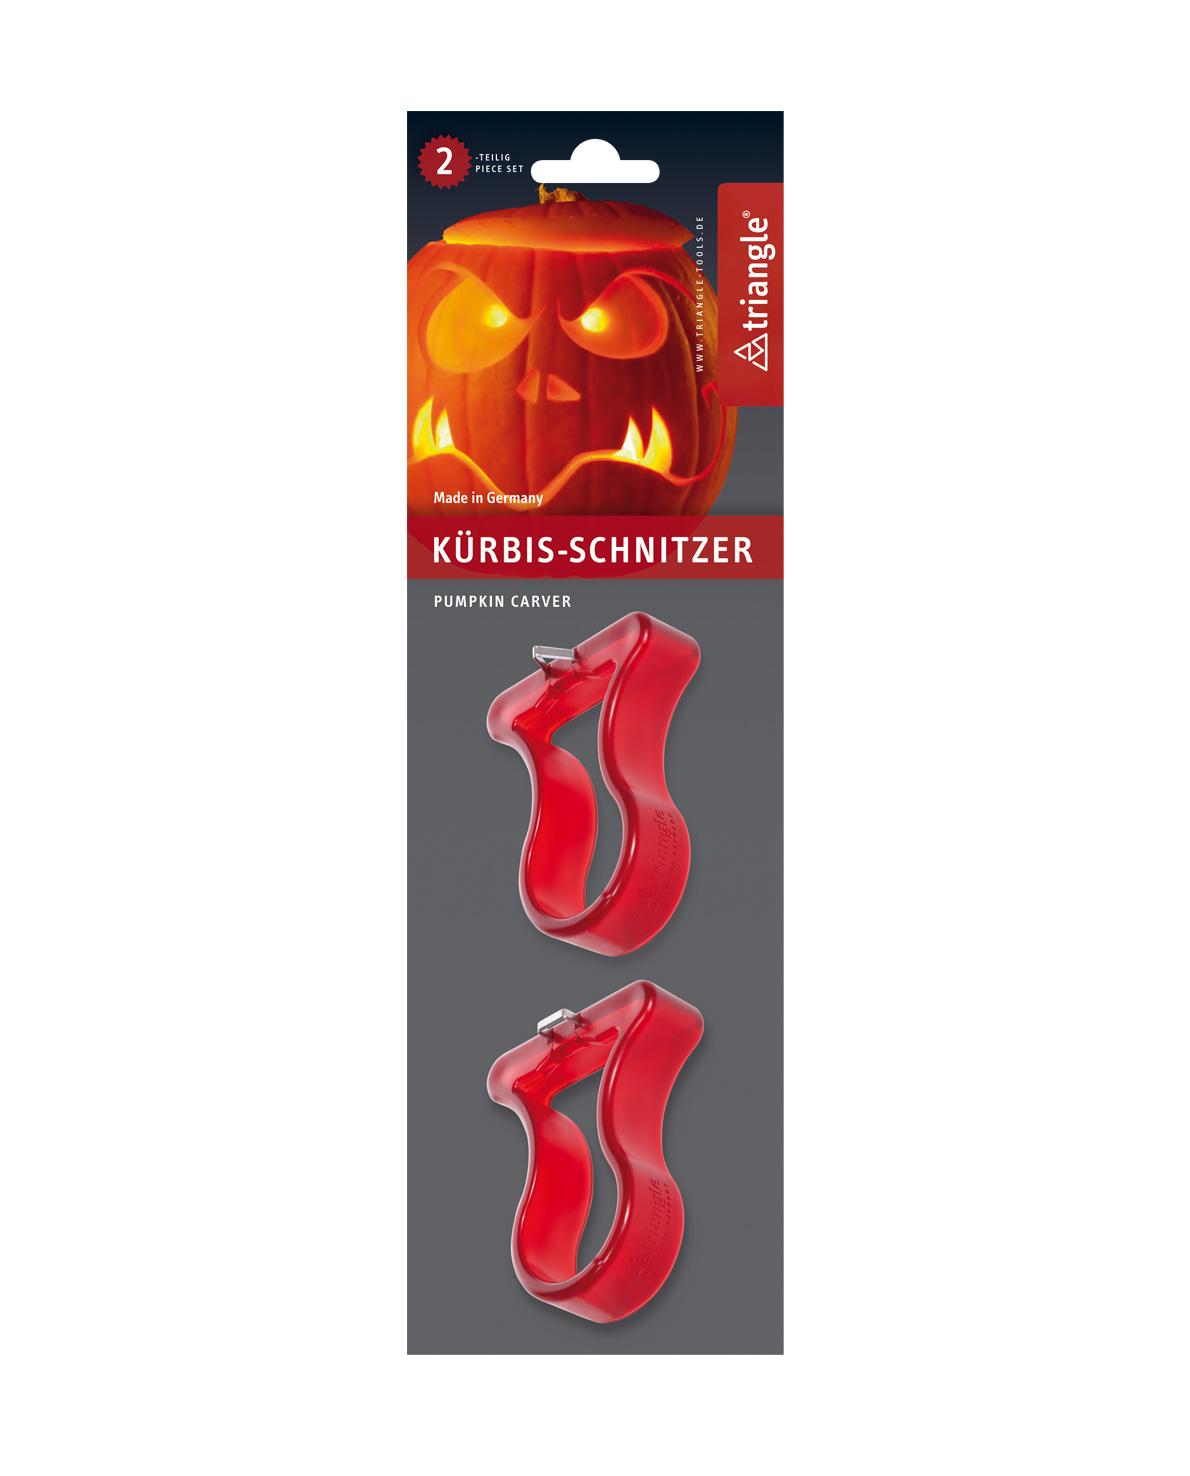 triangle Kürbis-Schnitzer-Set für oberflächliche Herbst-Dekorationen in Kürbis